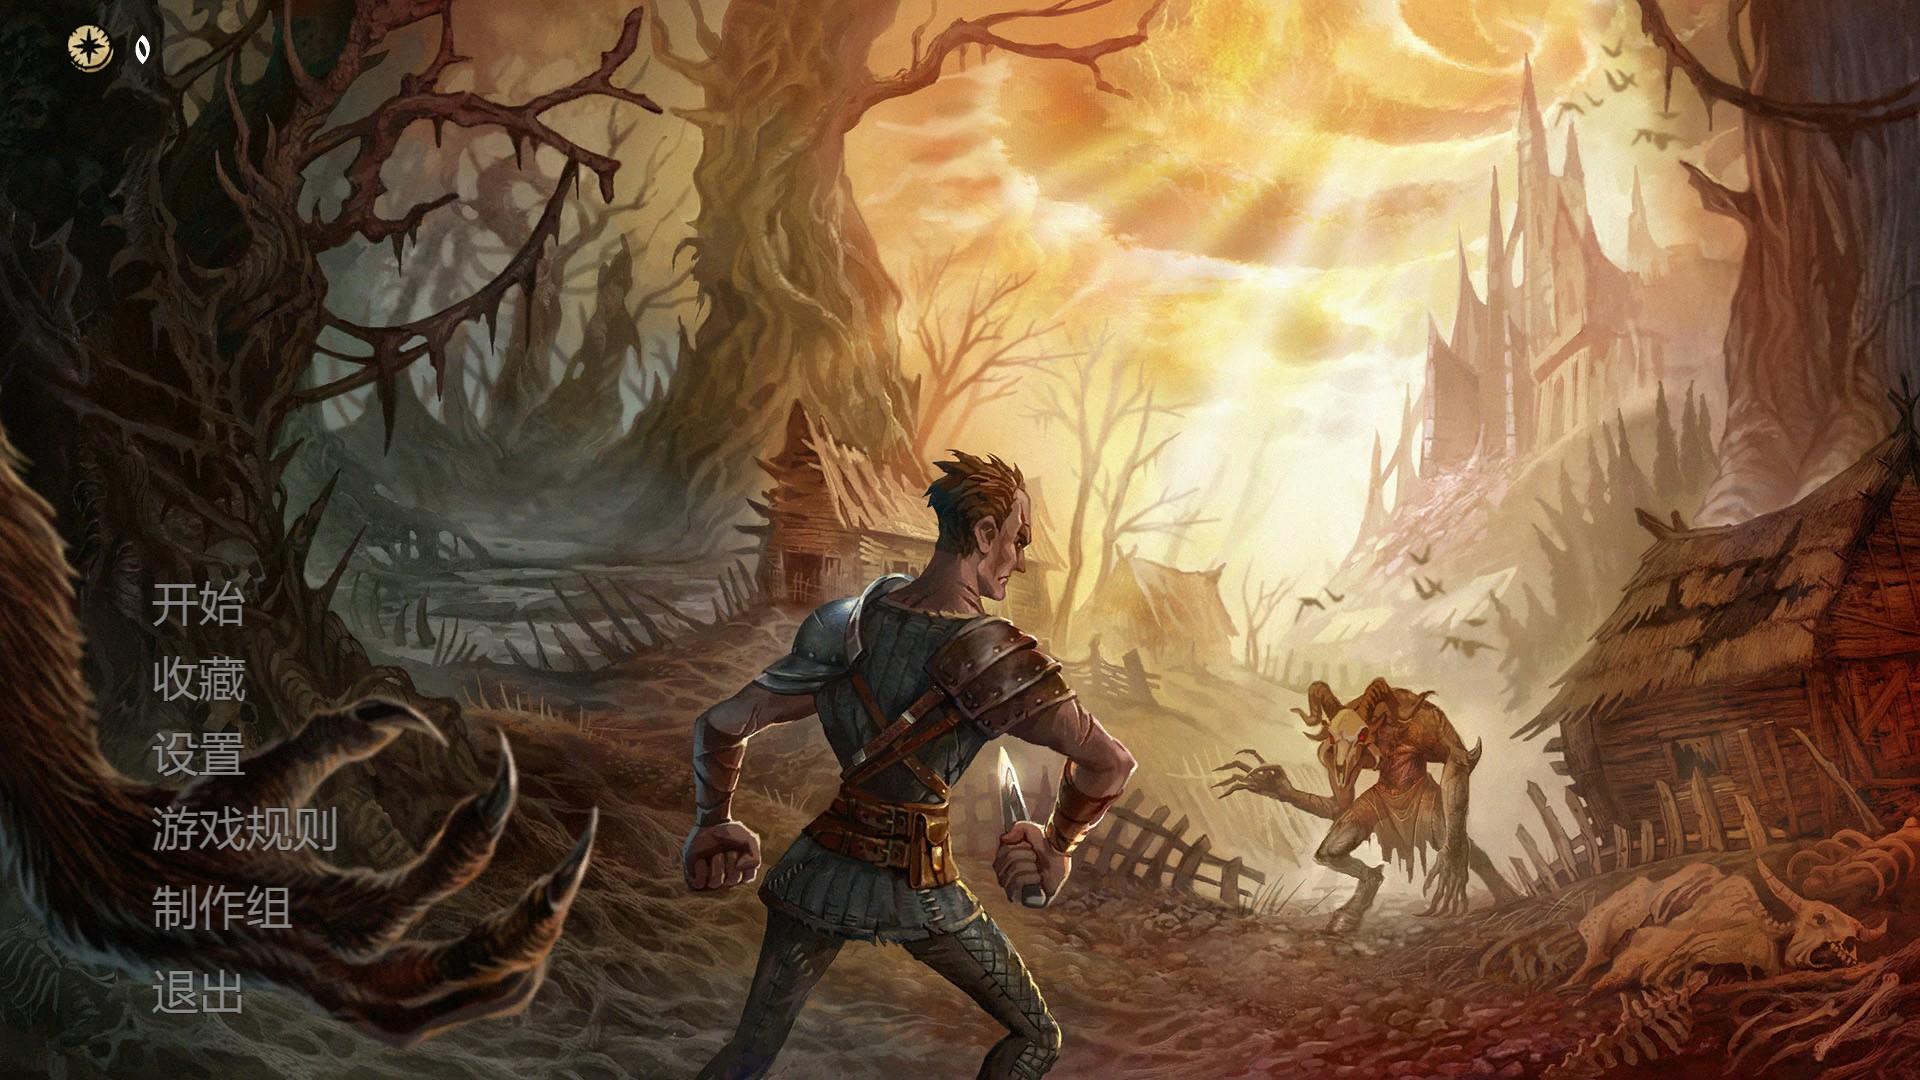 卡牌拯救世界!《灰烬之牌》开启Steam抢先体验